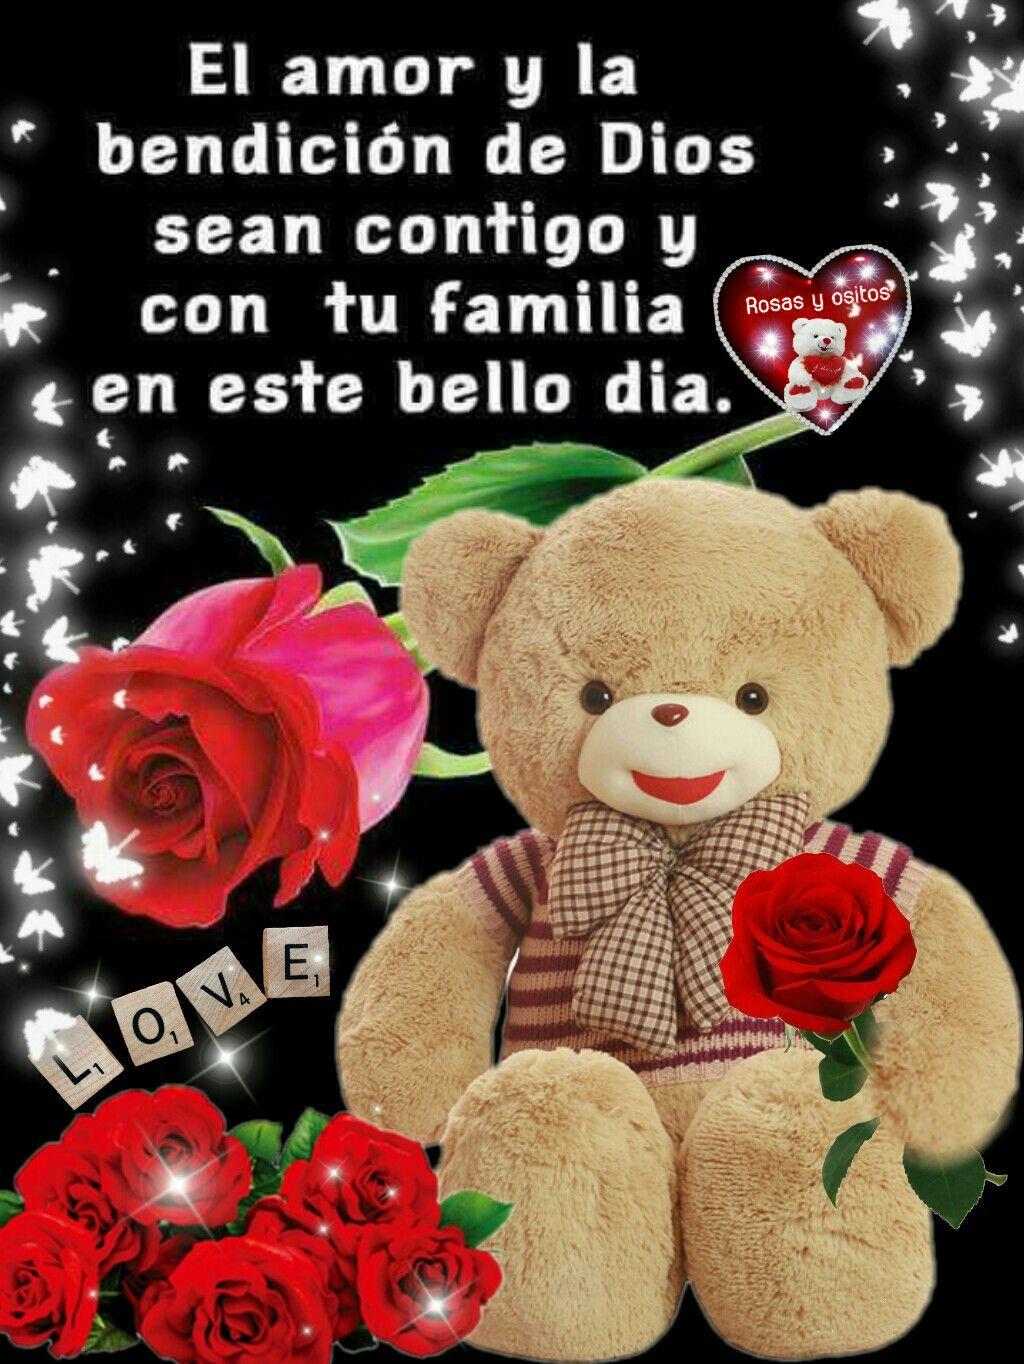 Poemas De Amor Osos Rosas Y Corazones Mi Amor Buenos Dias Mensajes Buenos Dias Amor Frases